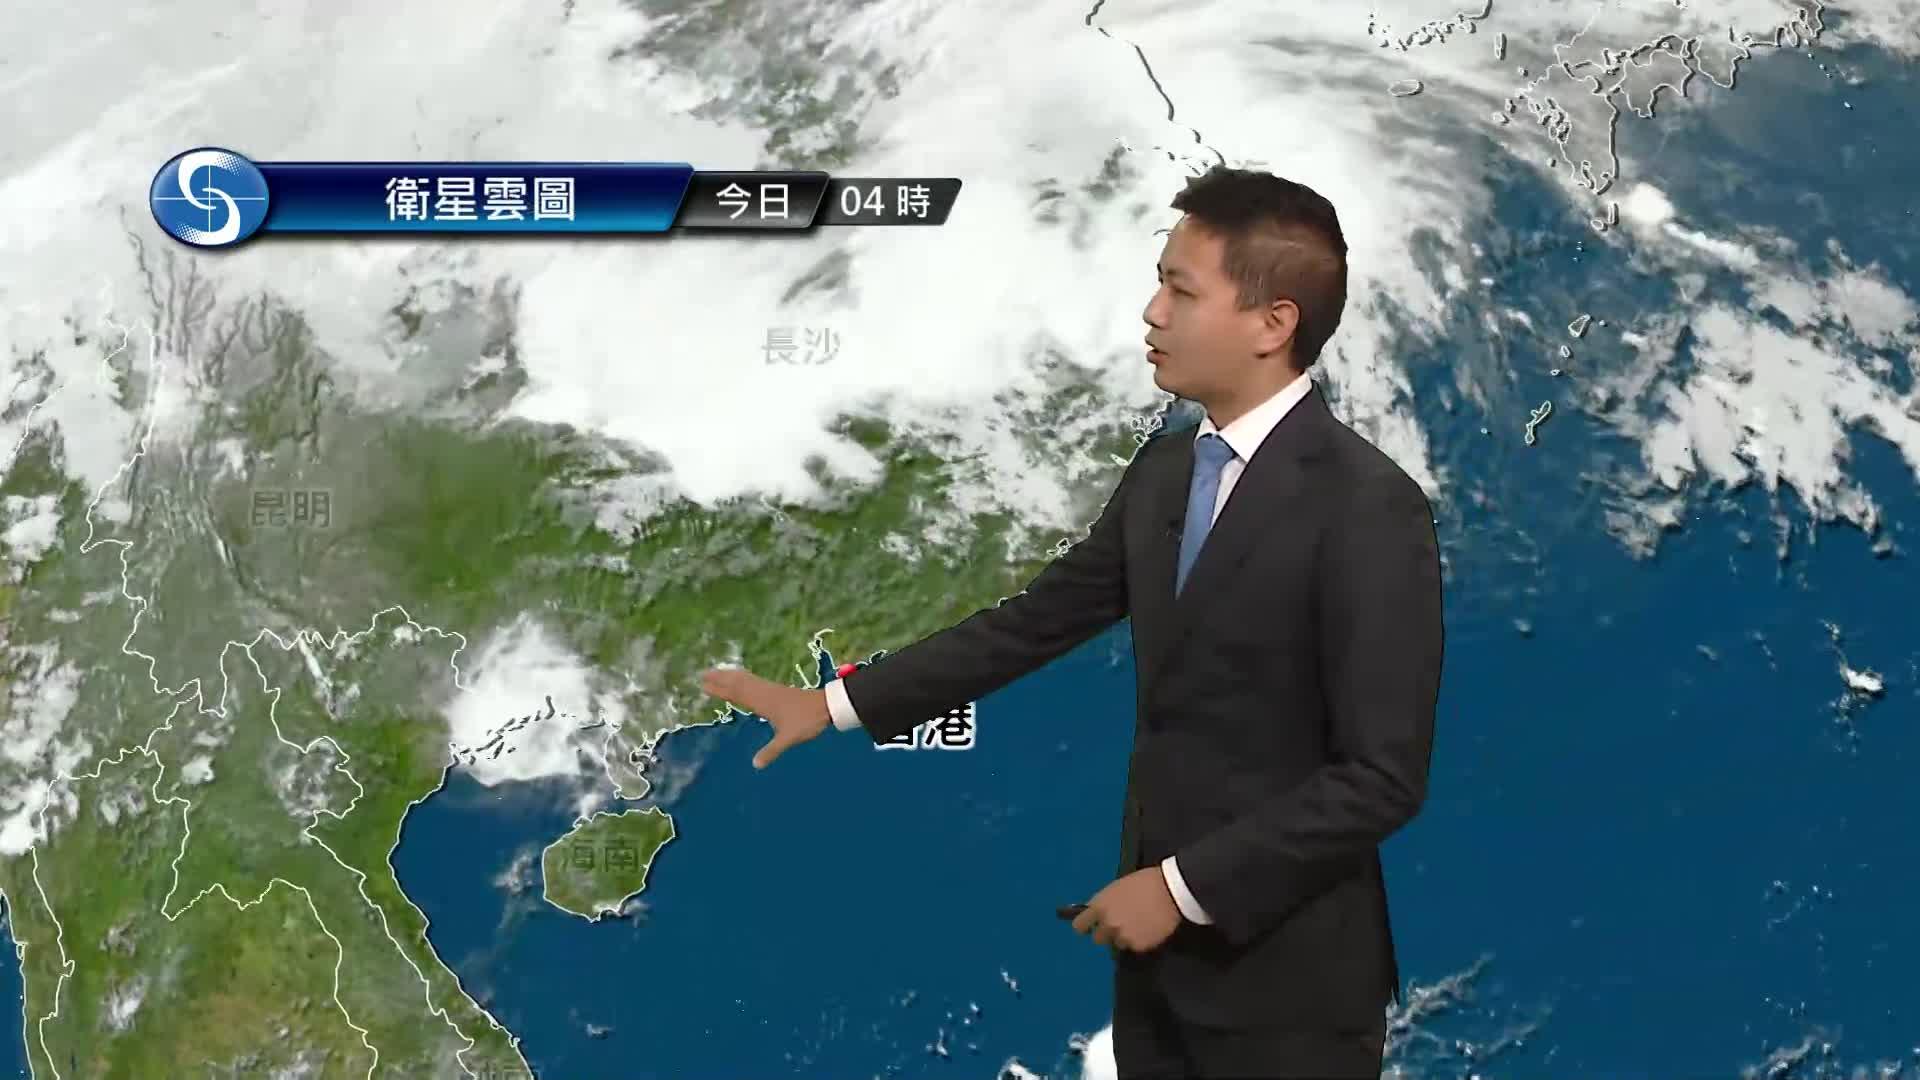 早晨天氣節目(05月11日上午7時) - 科學主任蔡子淳